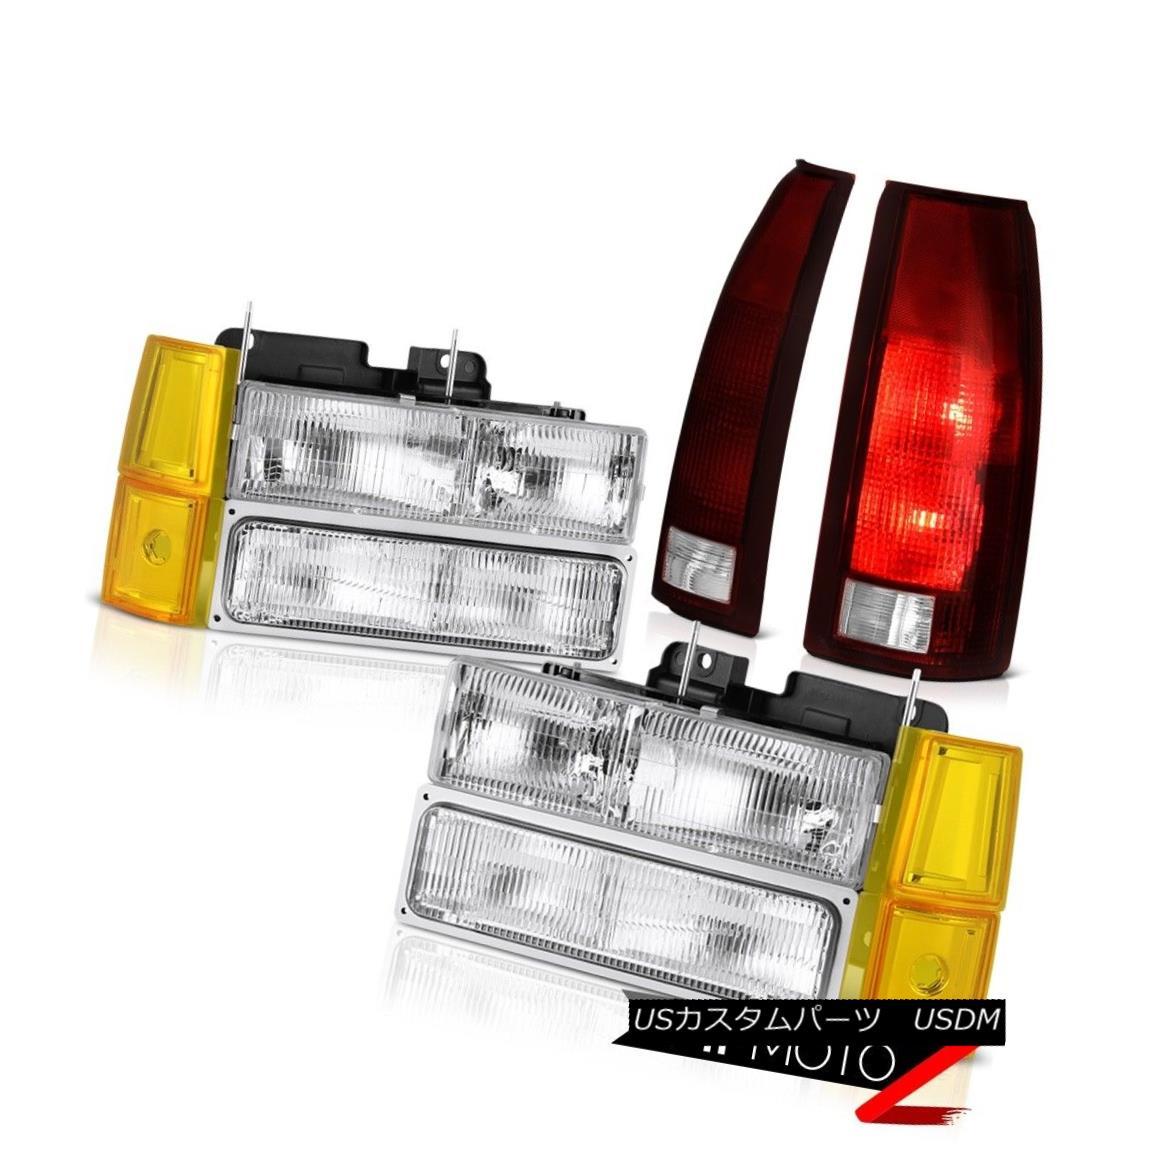 テールライト 94-98 Red Sierra 1500 Chrome Headlamps Corner Burgundy Headlamps Red 94-98 Taillights Factory Style 94-98 Sierra 1500クロームヘッドランプコーナーブルゴーニュレッドティアリーズ工場スタイル, P-star:e9e8a8ee --- officewill.xsrv.jp